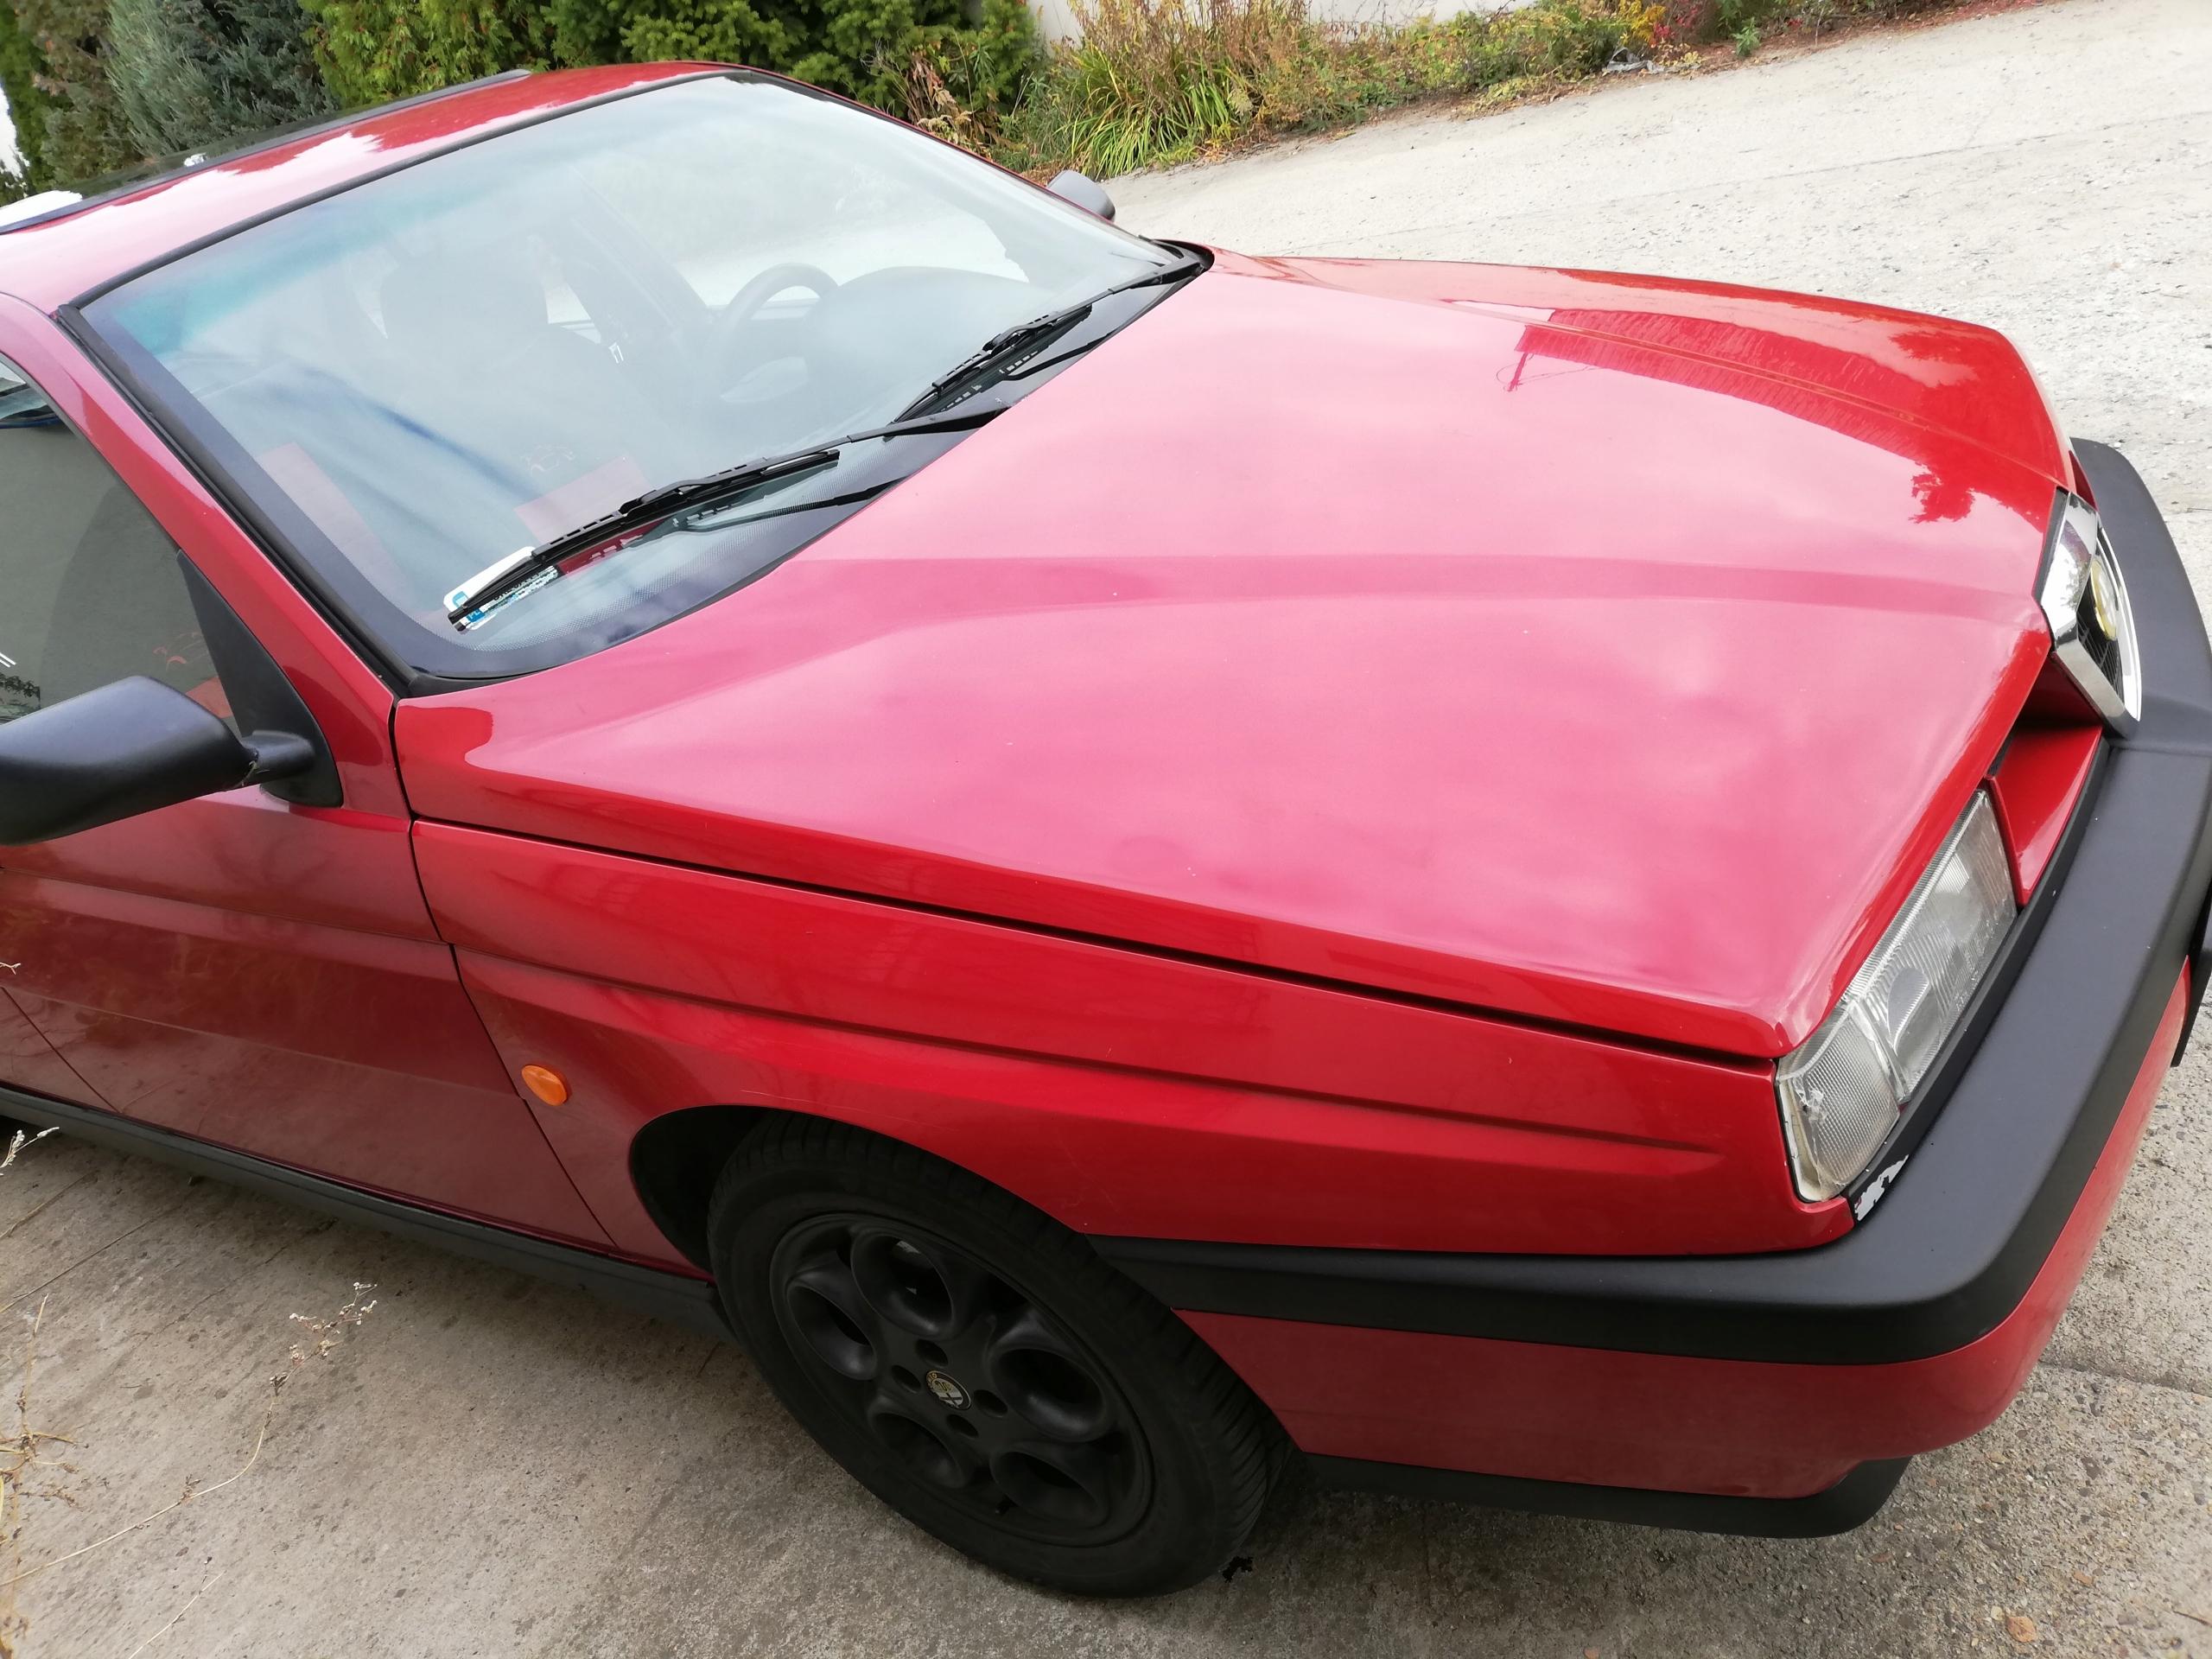 Alfa Romeo 155, możliwa zamiana na moto